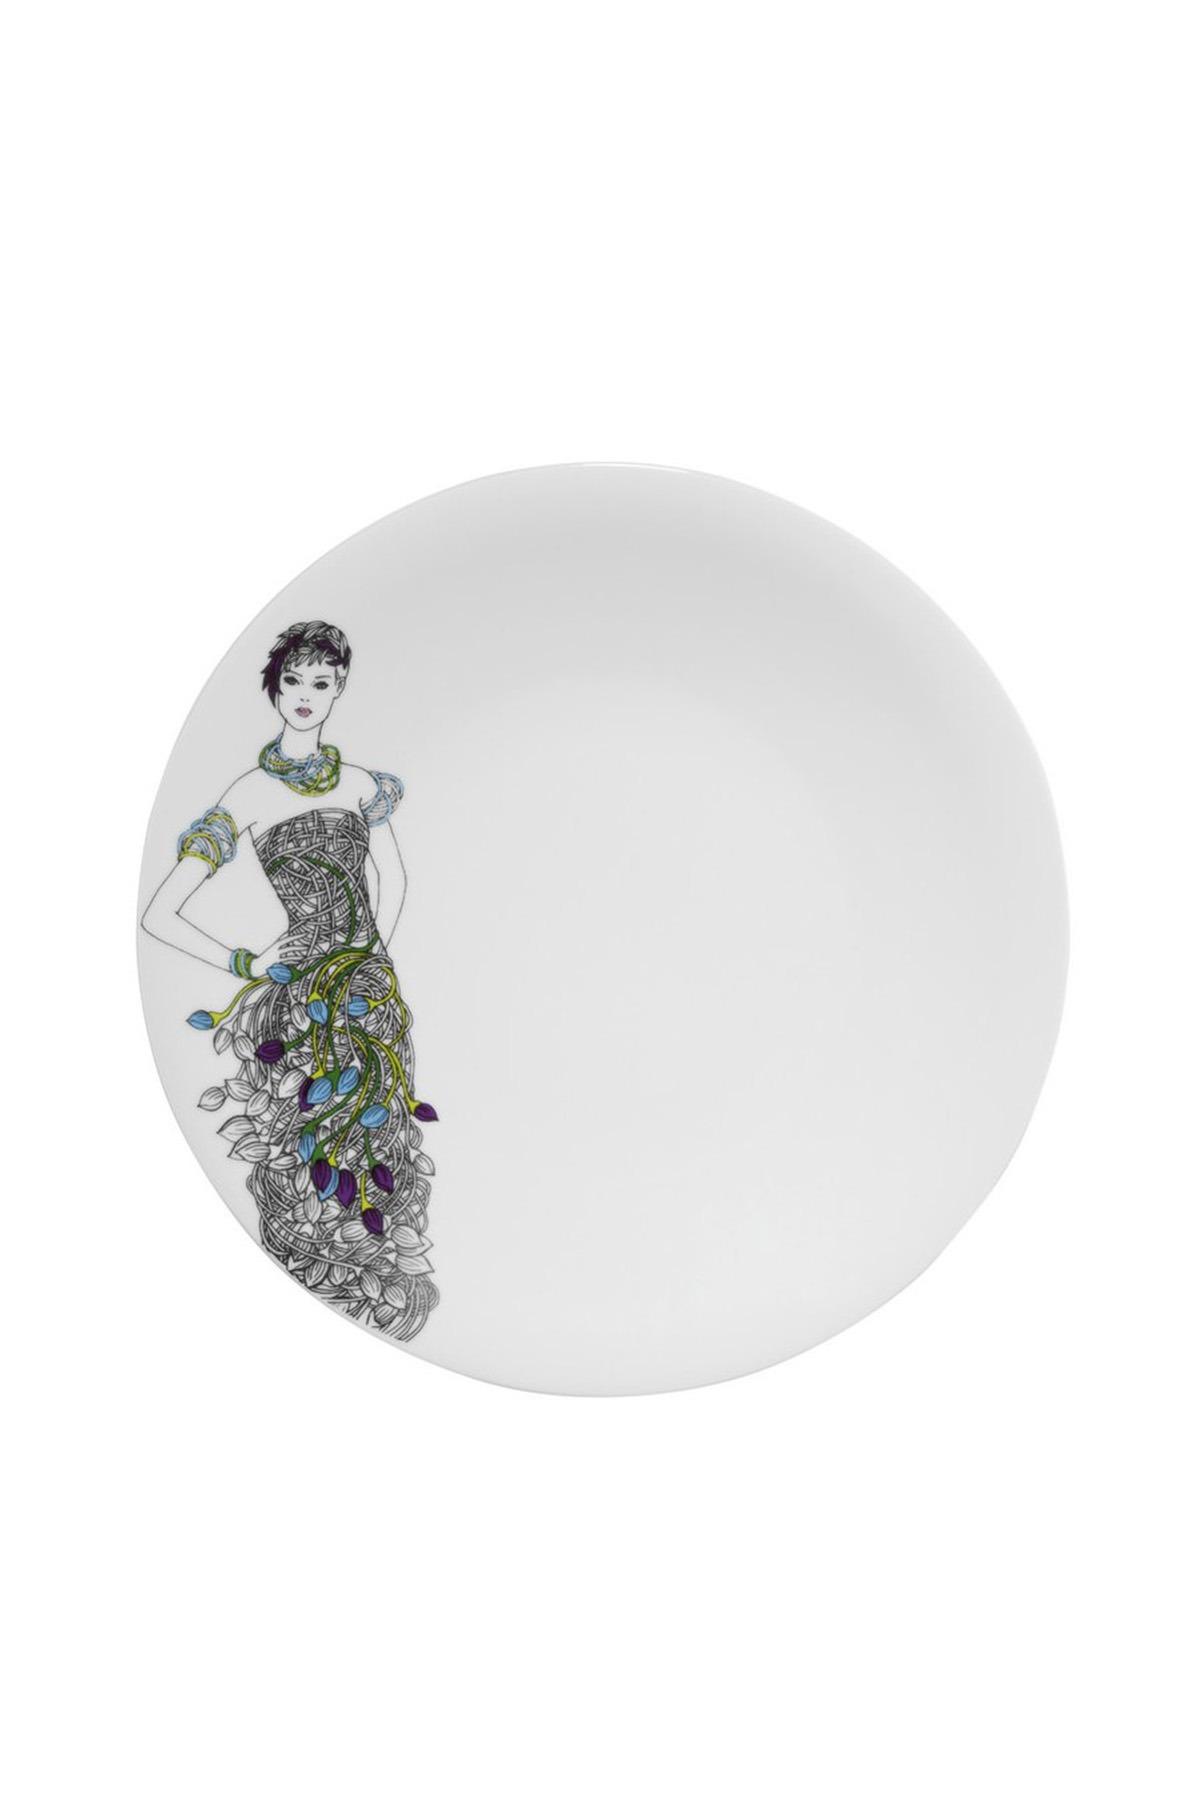 Kütahya Porselen - Kütahya Porselen Kadınlarım Serisi 9440 Desen Servis Tabağı